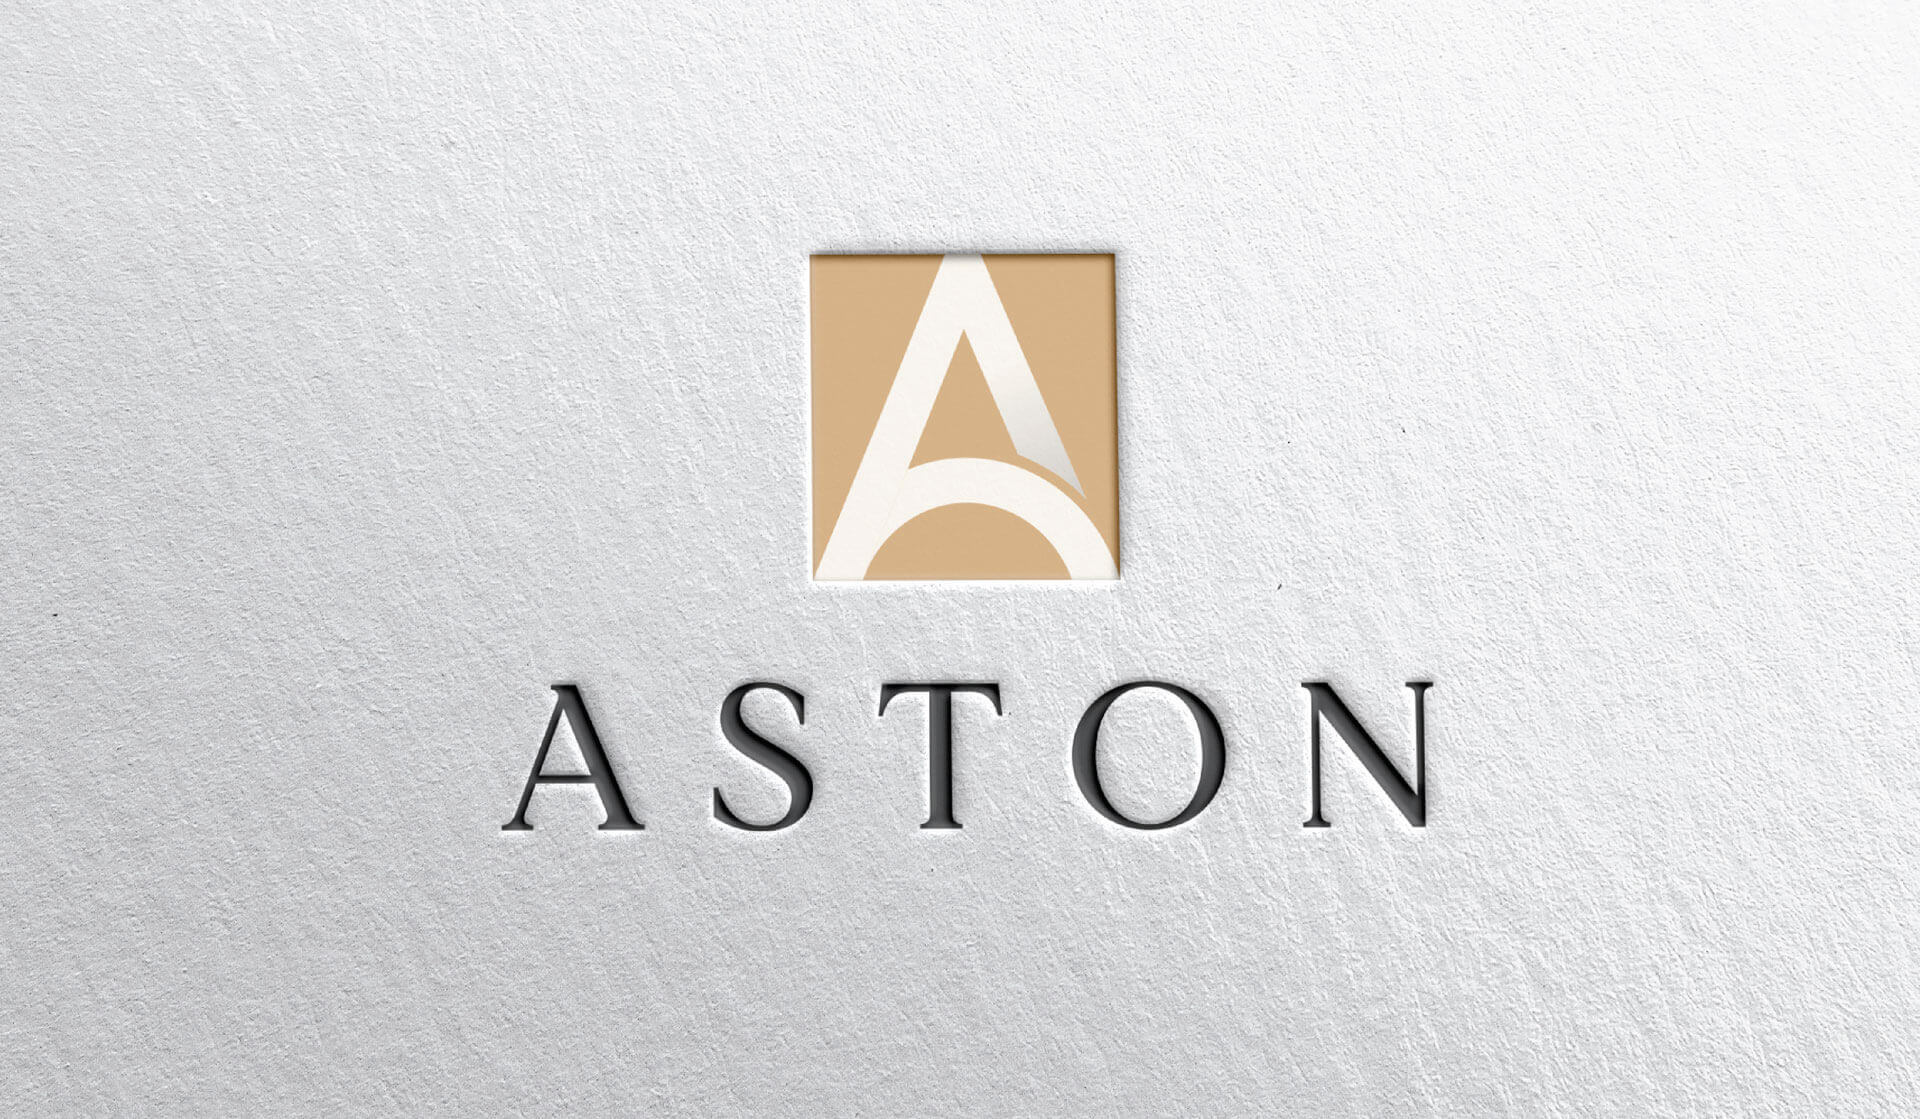 aston durafa construtora criação de marca Bedez Comunicação